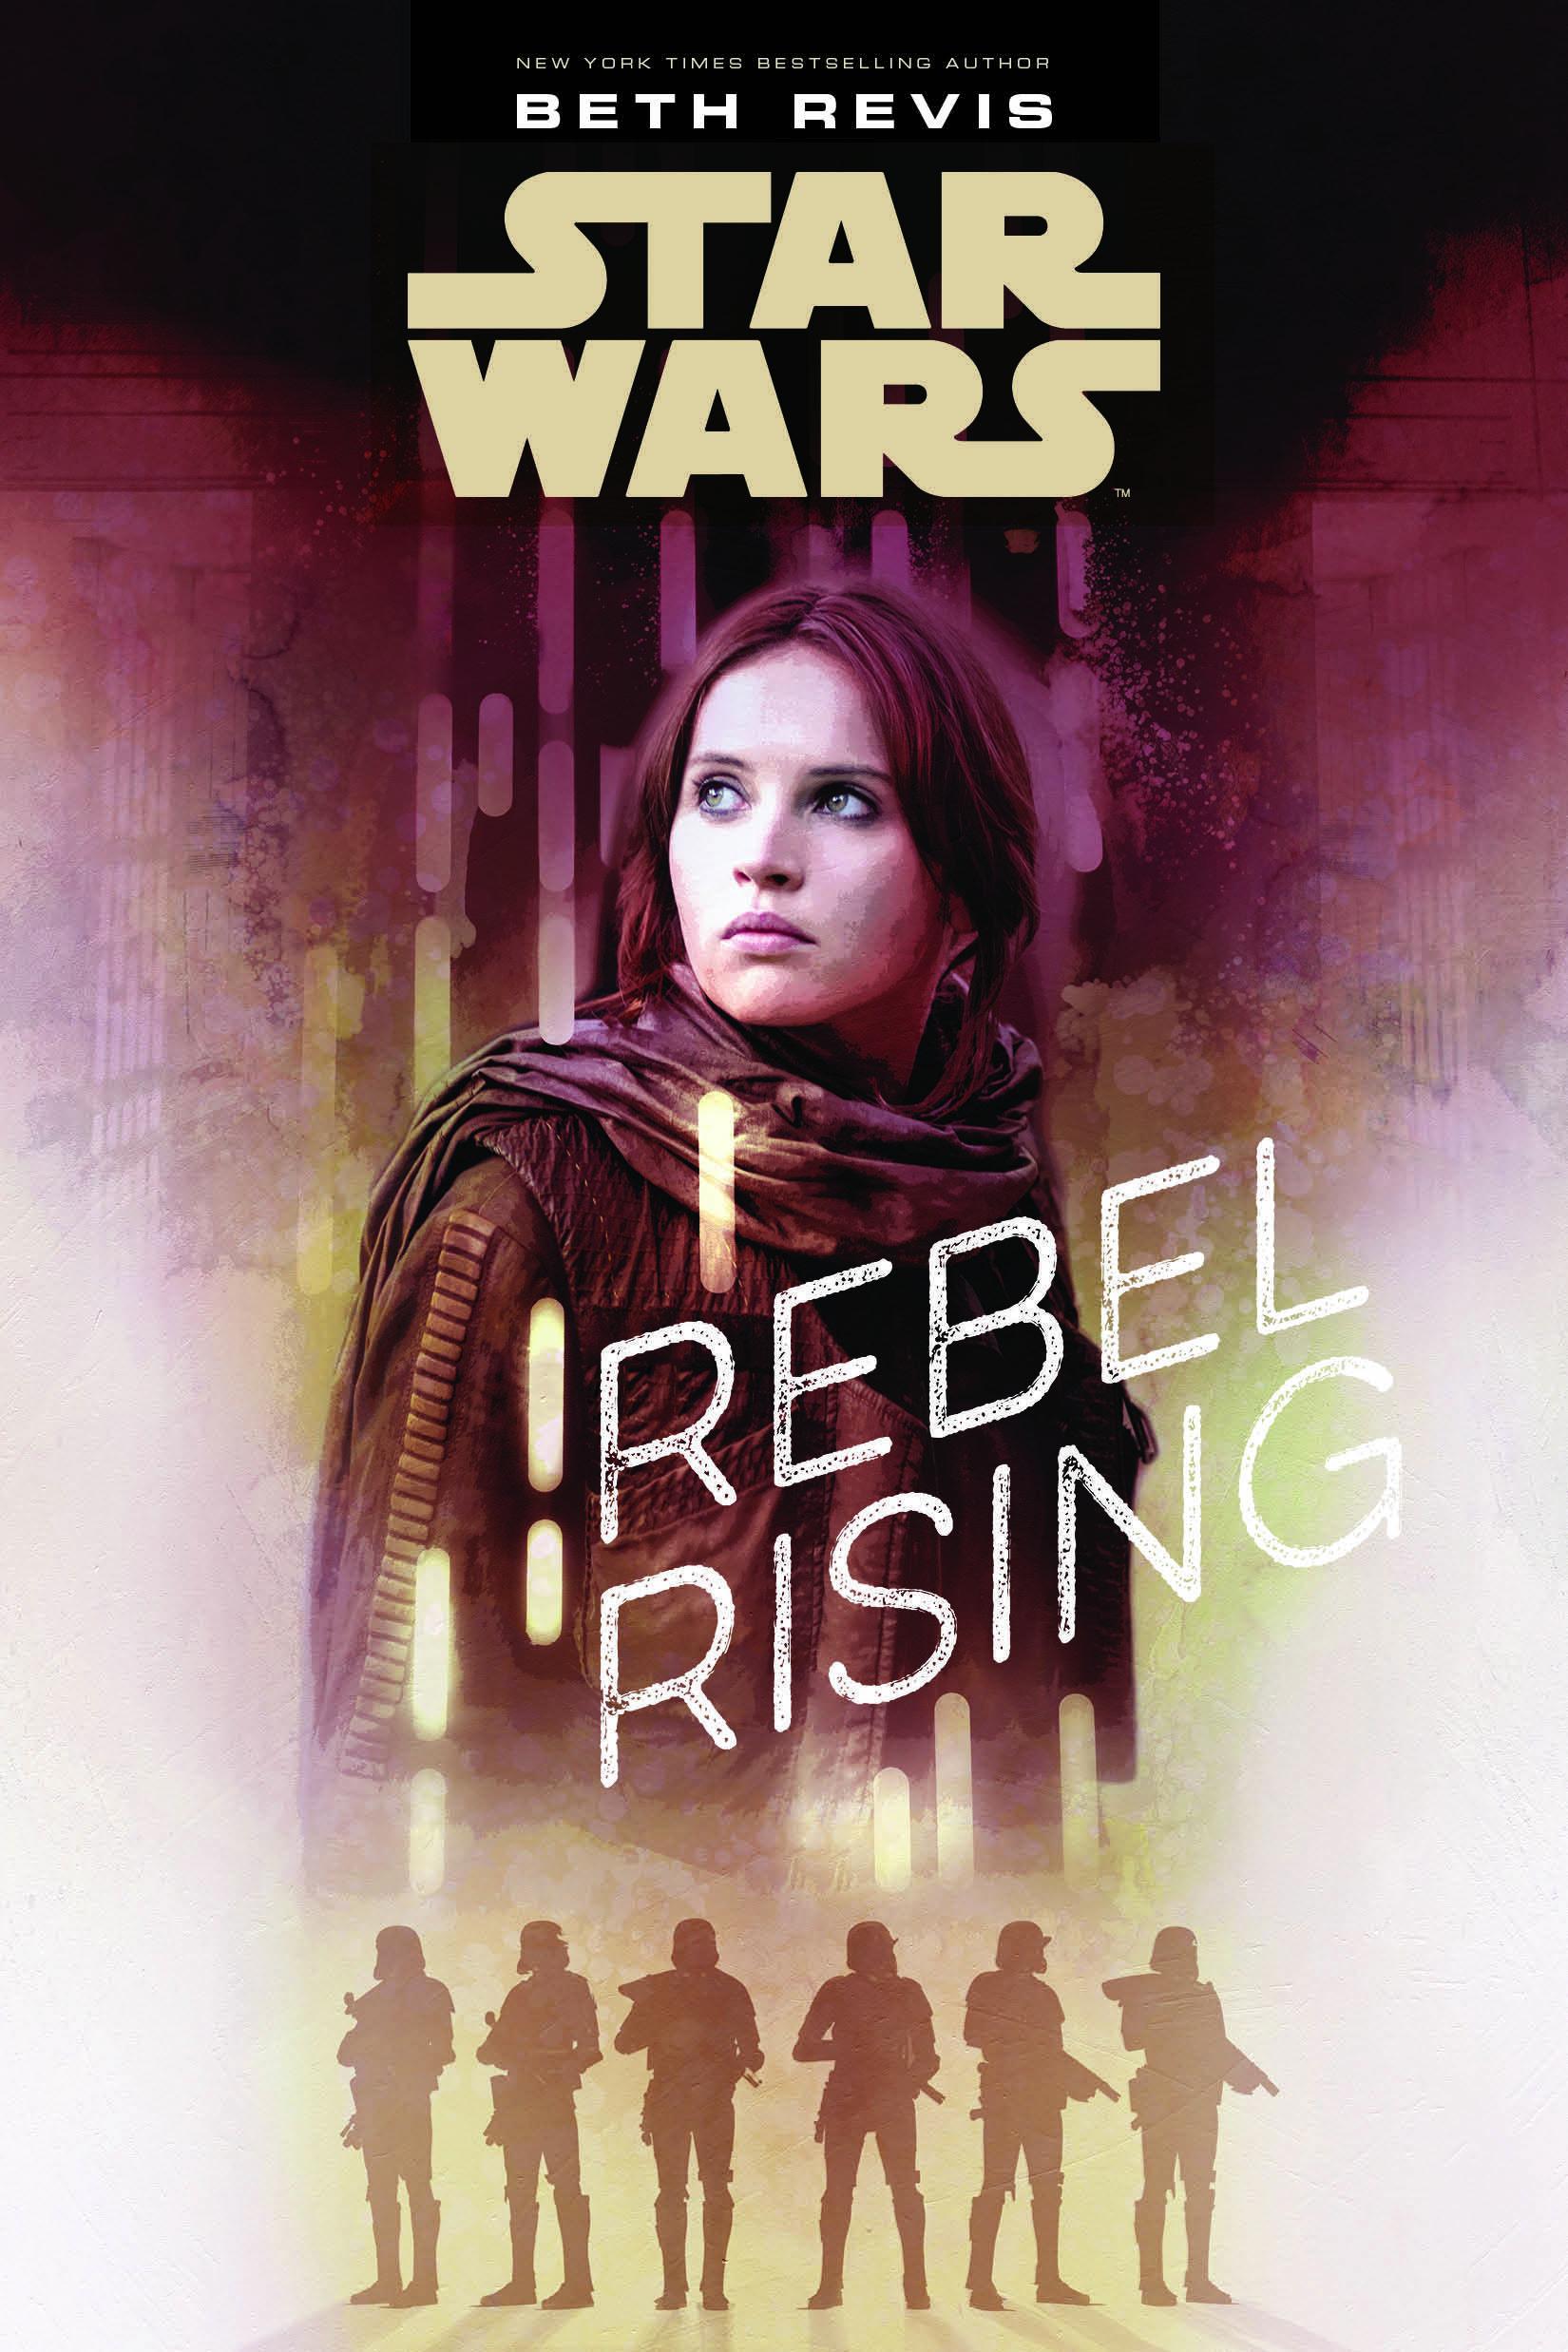 Rebel_Rising_cover.jpg